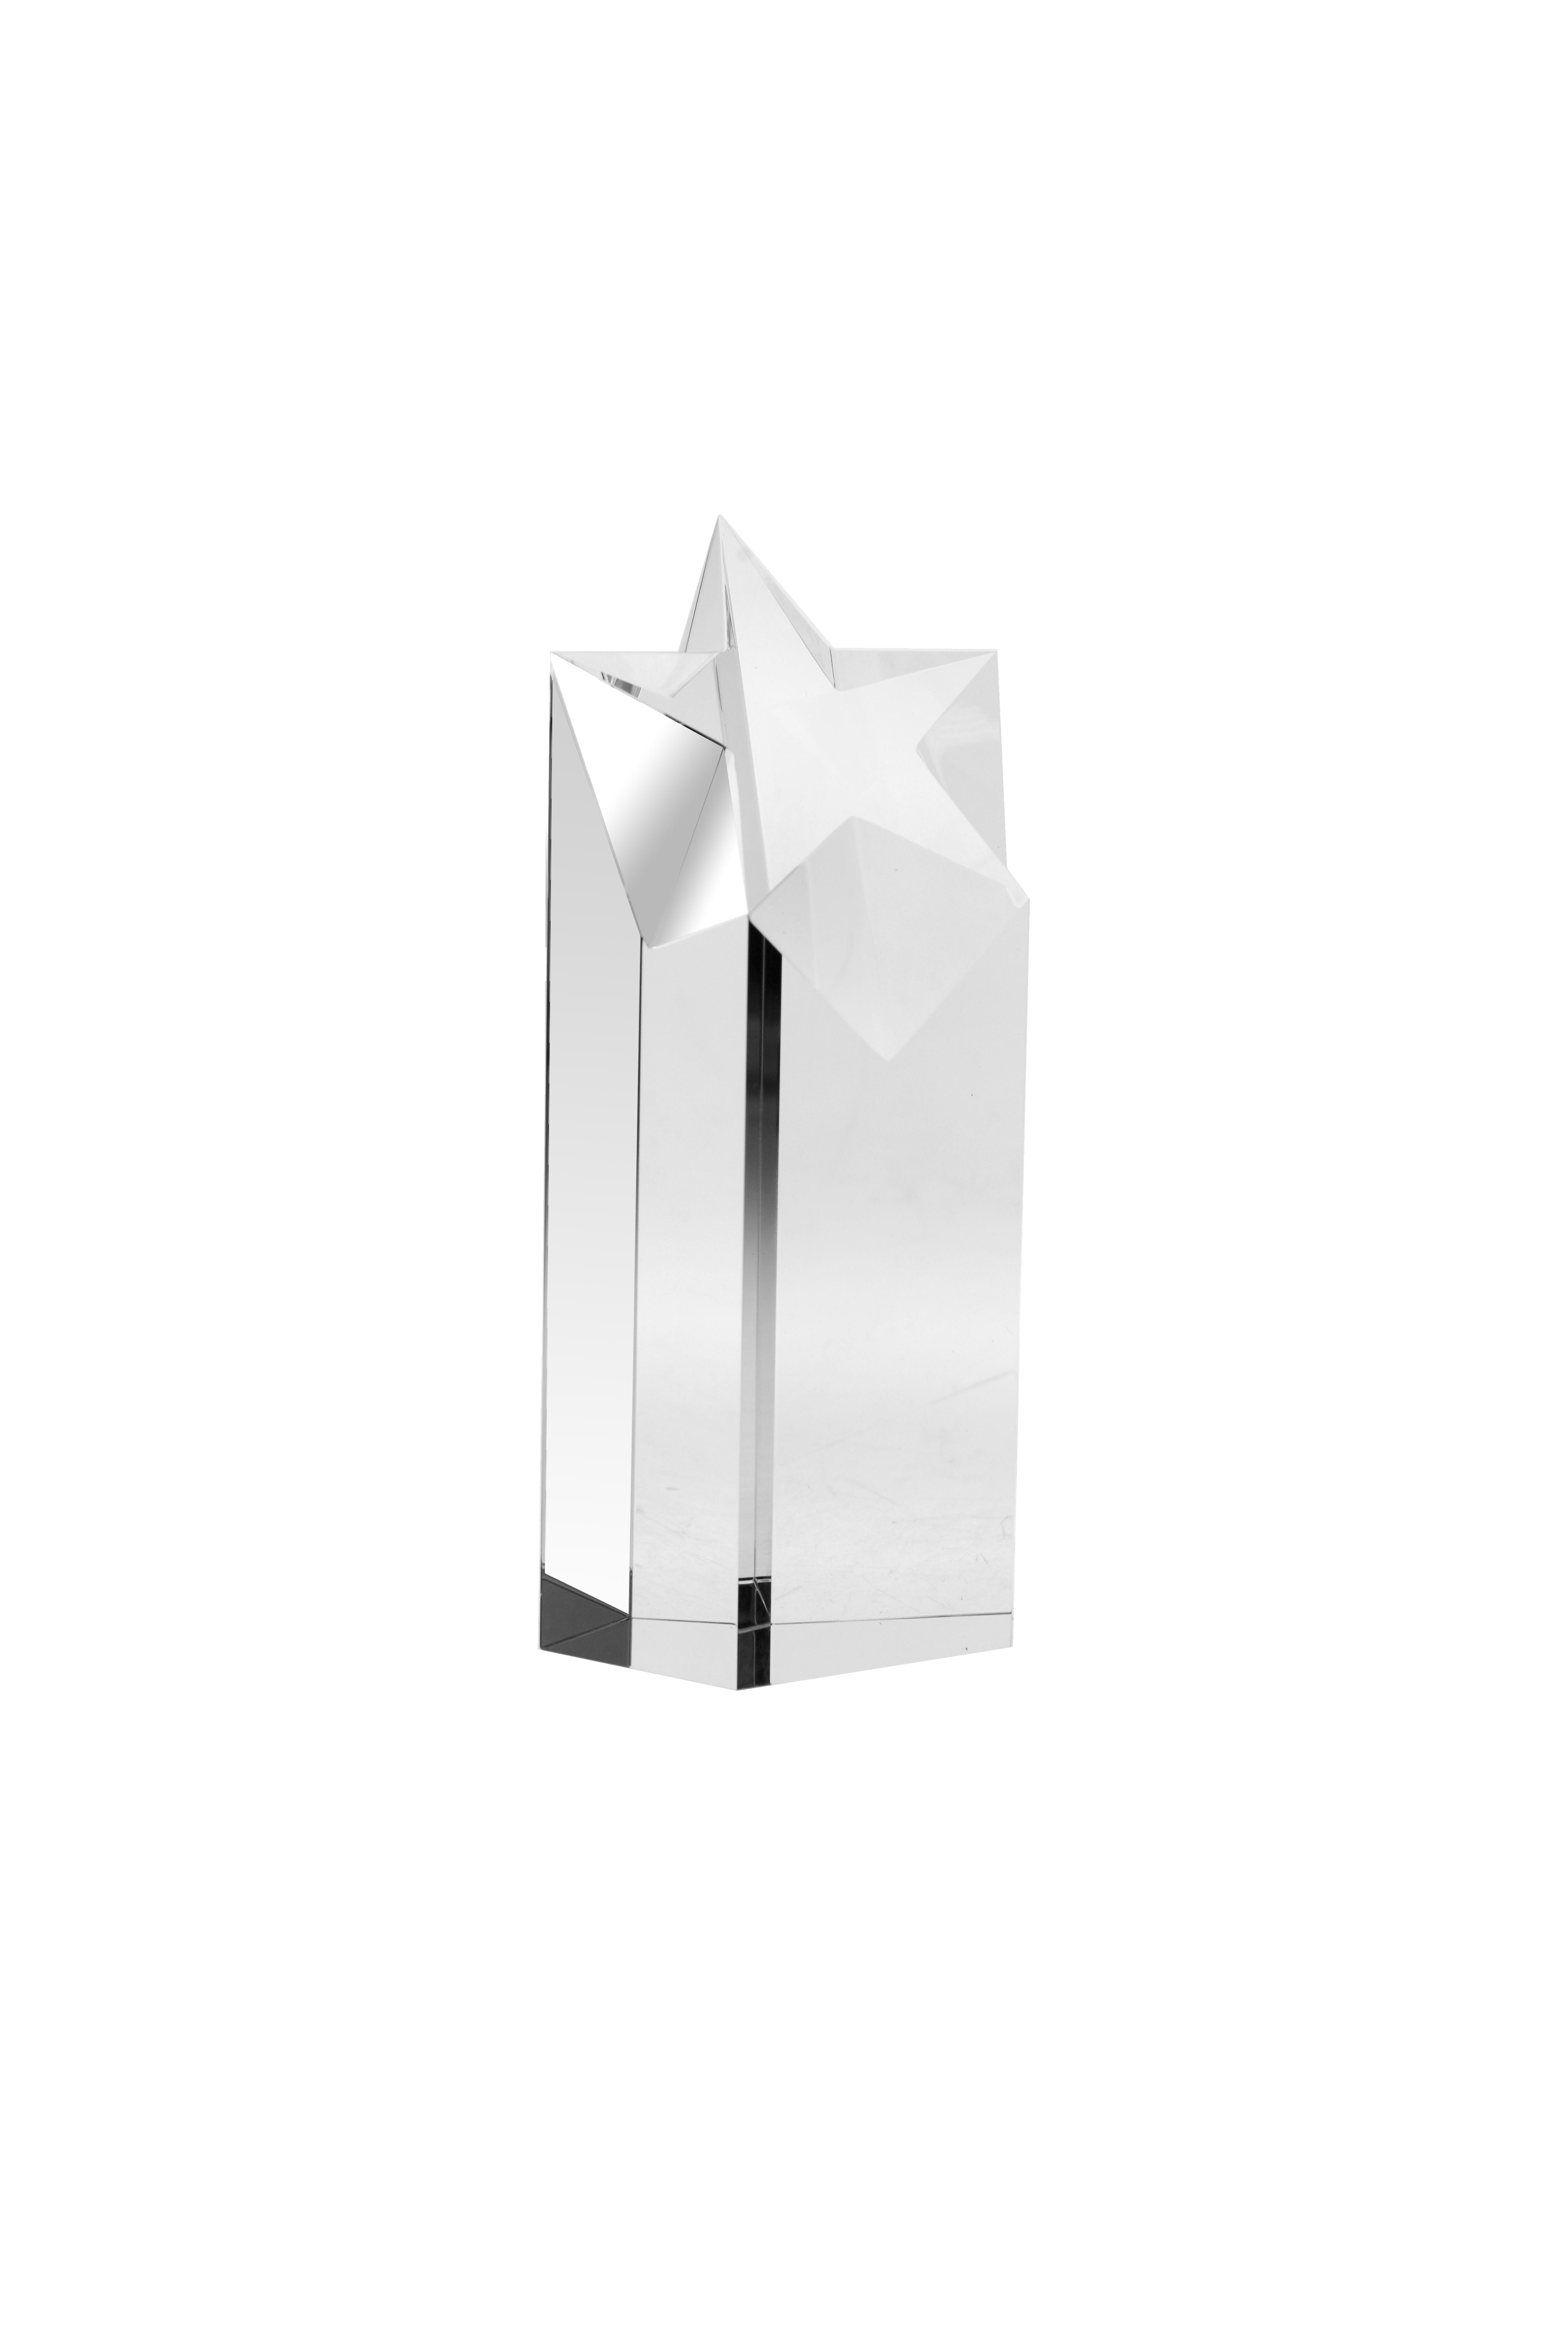 Stern 7949 158441731c387c Top Result 50 Unique Diamond Fire Glass Image 2017 Pkt6